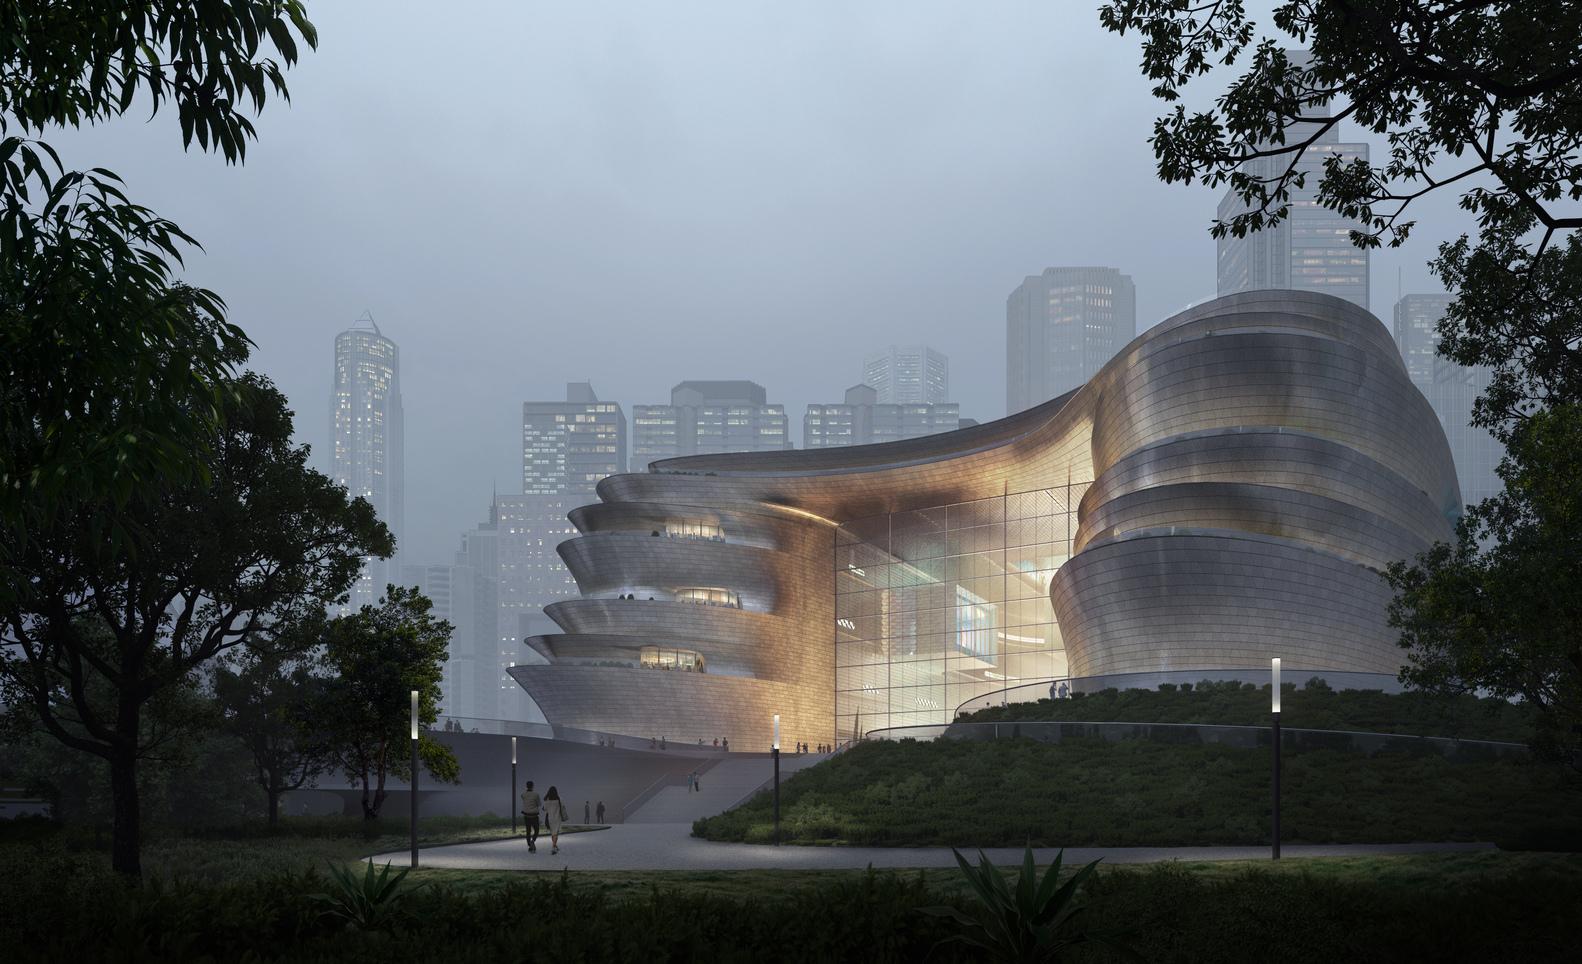 معماران Zaha Hadid از موزه علوم و فناوری جدید شنژن رونمایی کردند